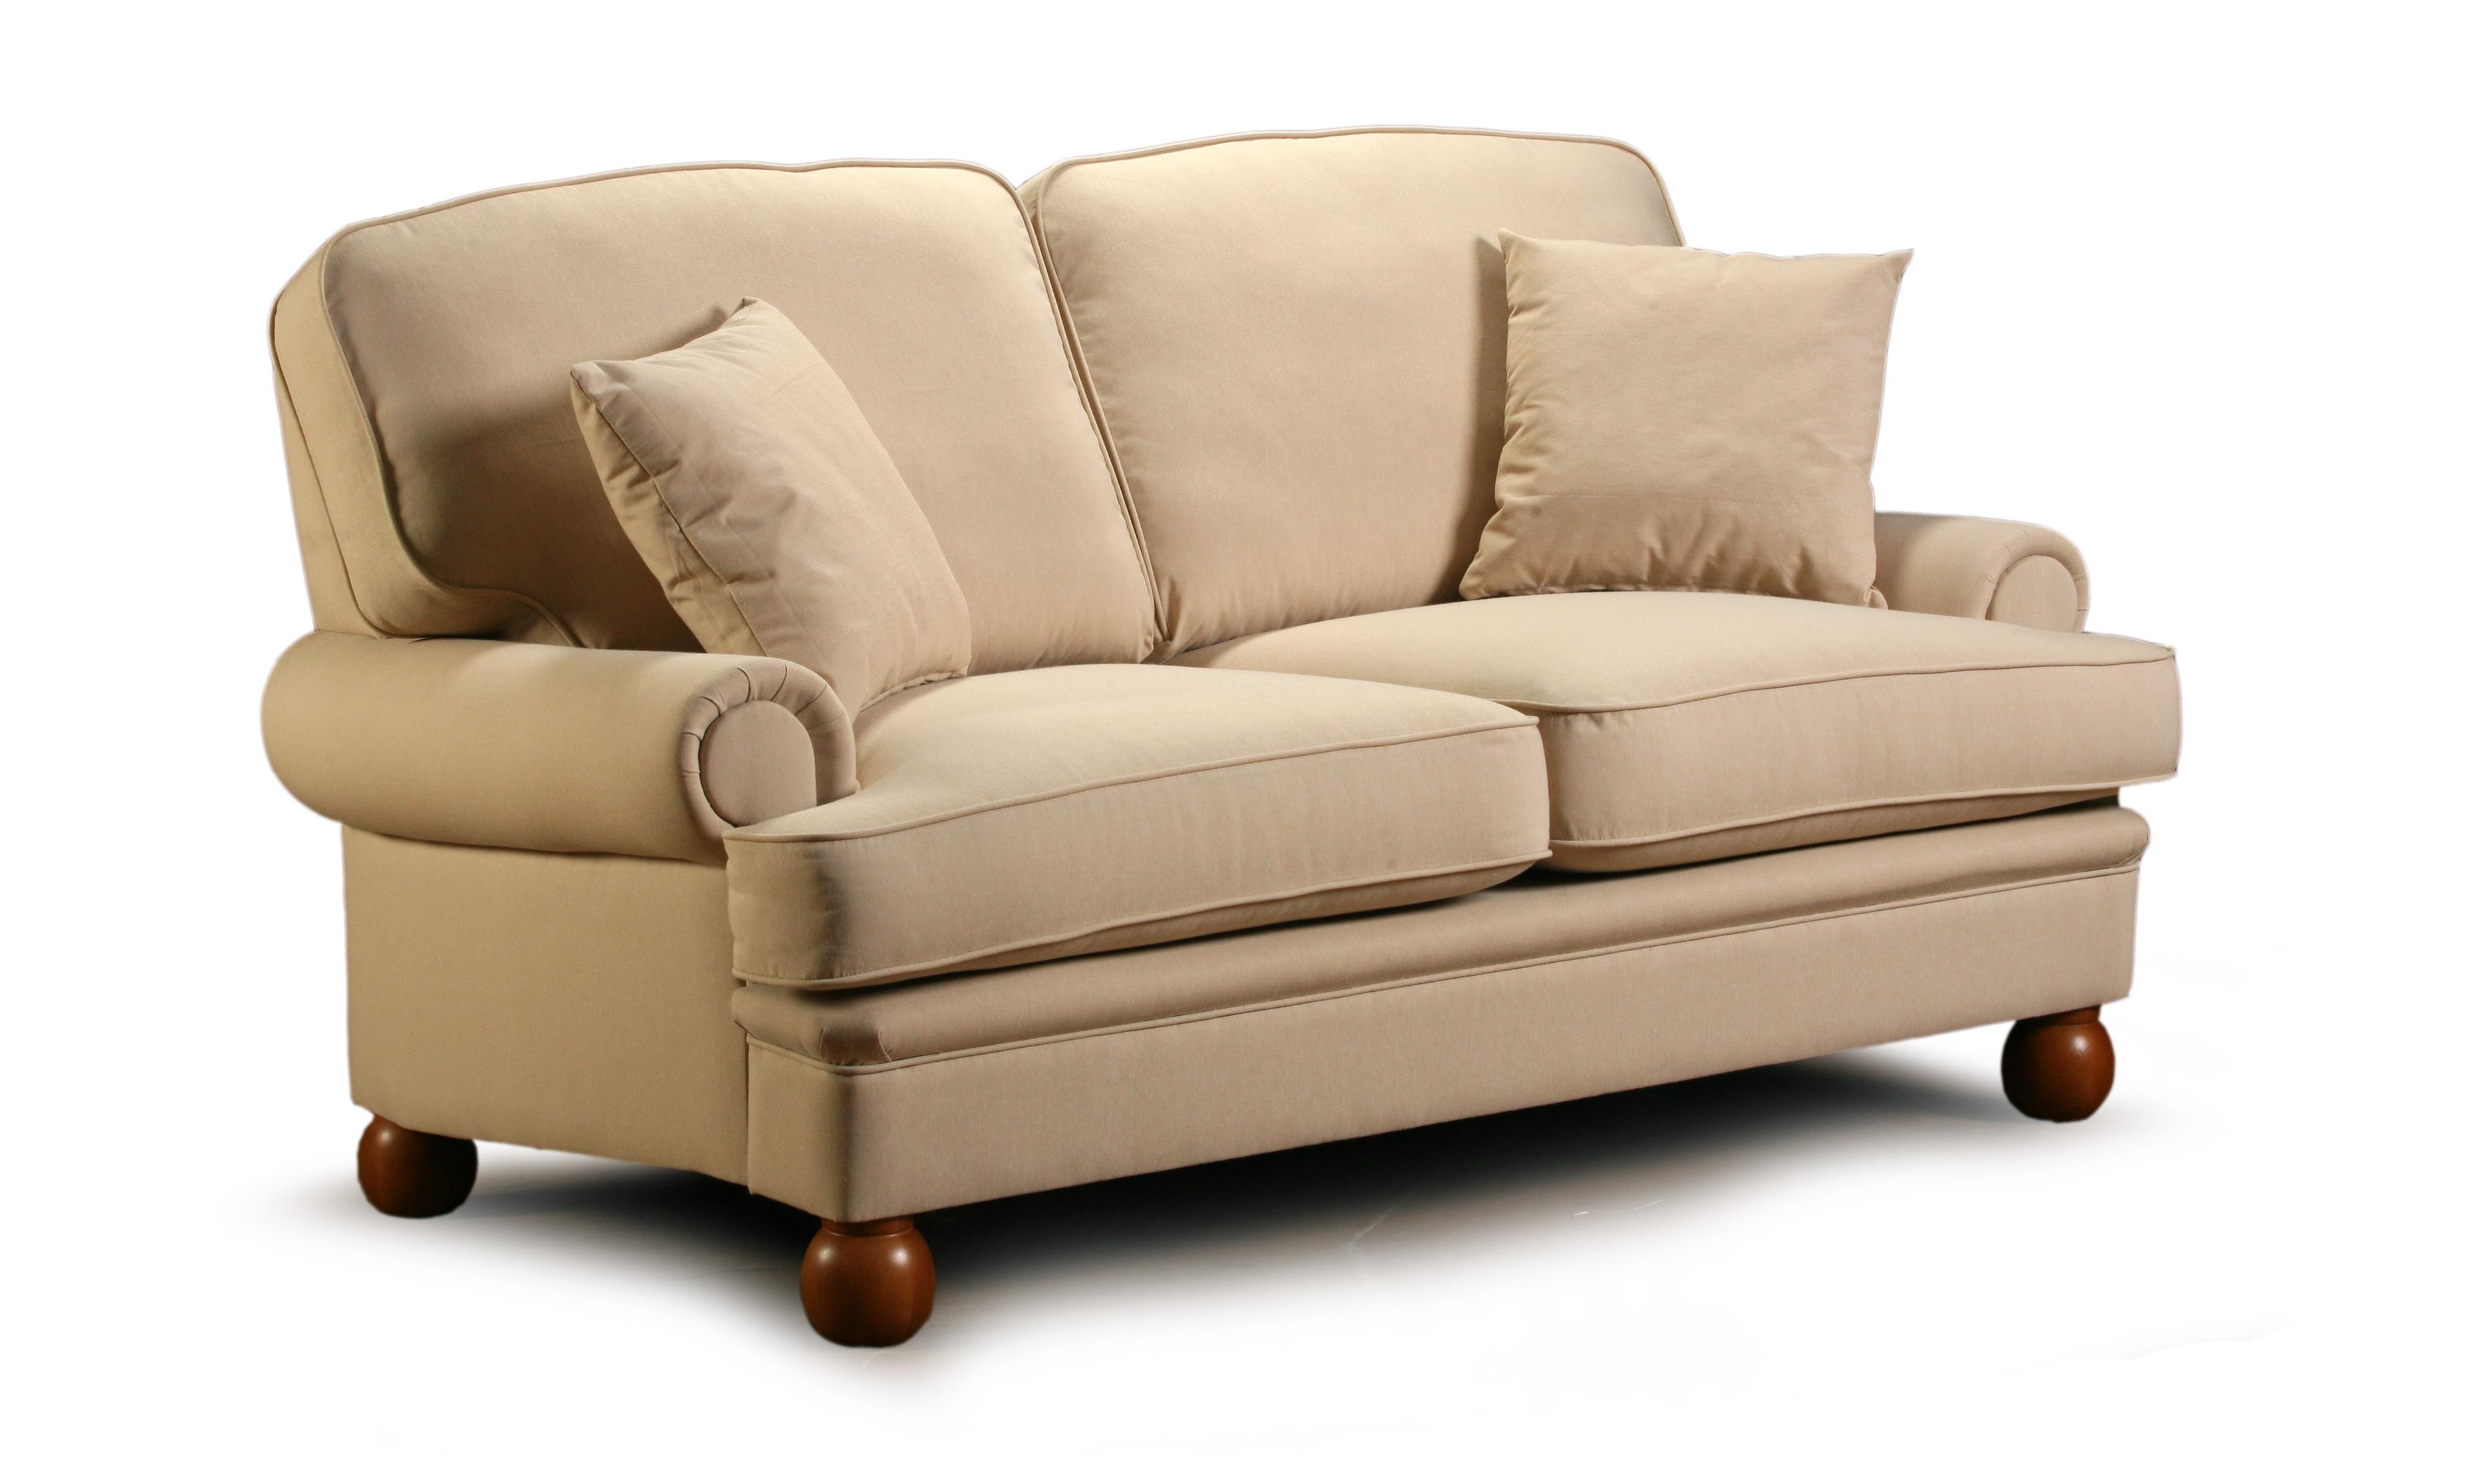 Canapea fixa 2 locuri tapitata cu stofa Oxford